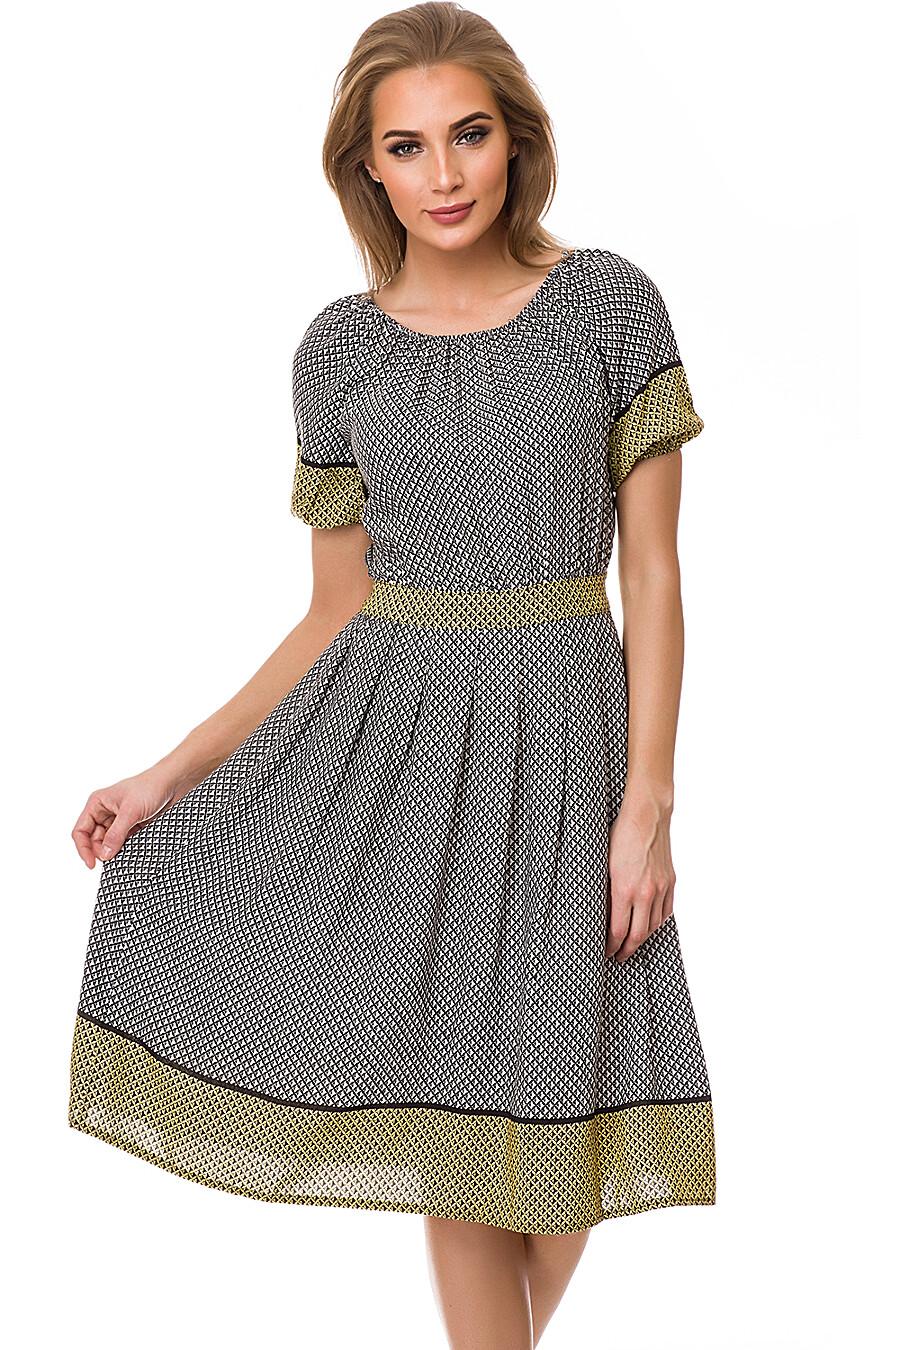 Платье Remix (76754), купить в Moyo.moda